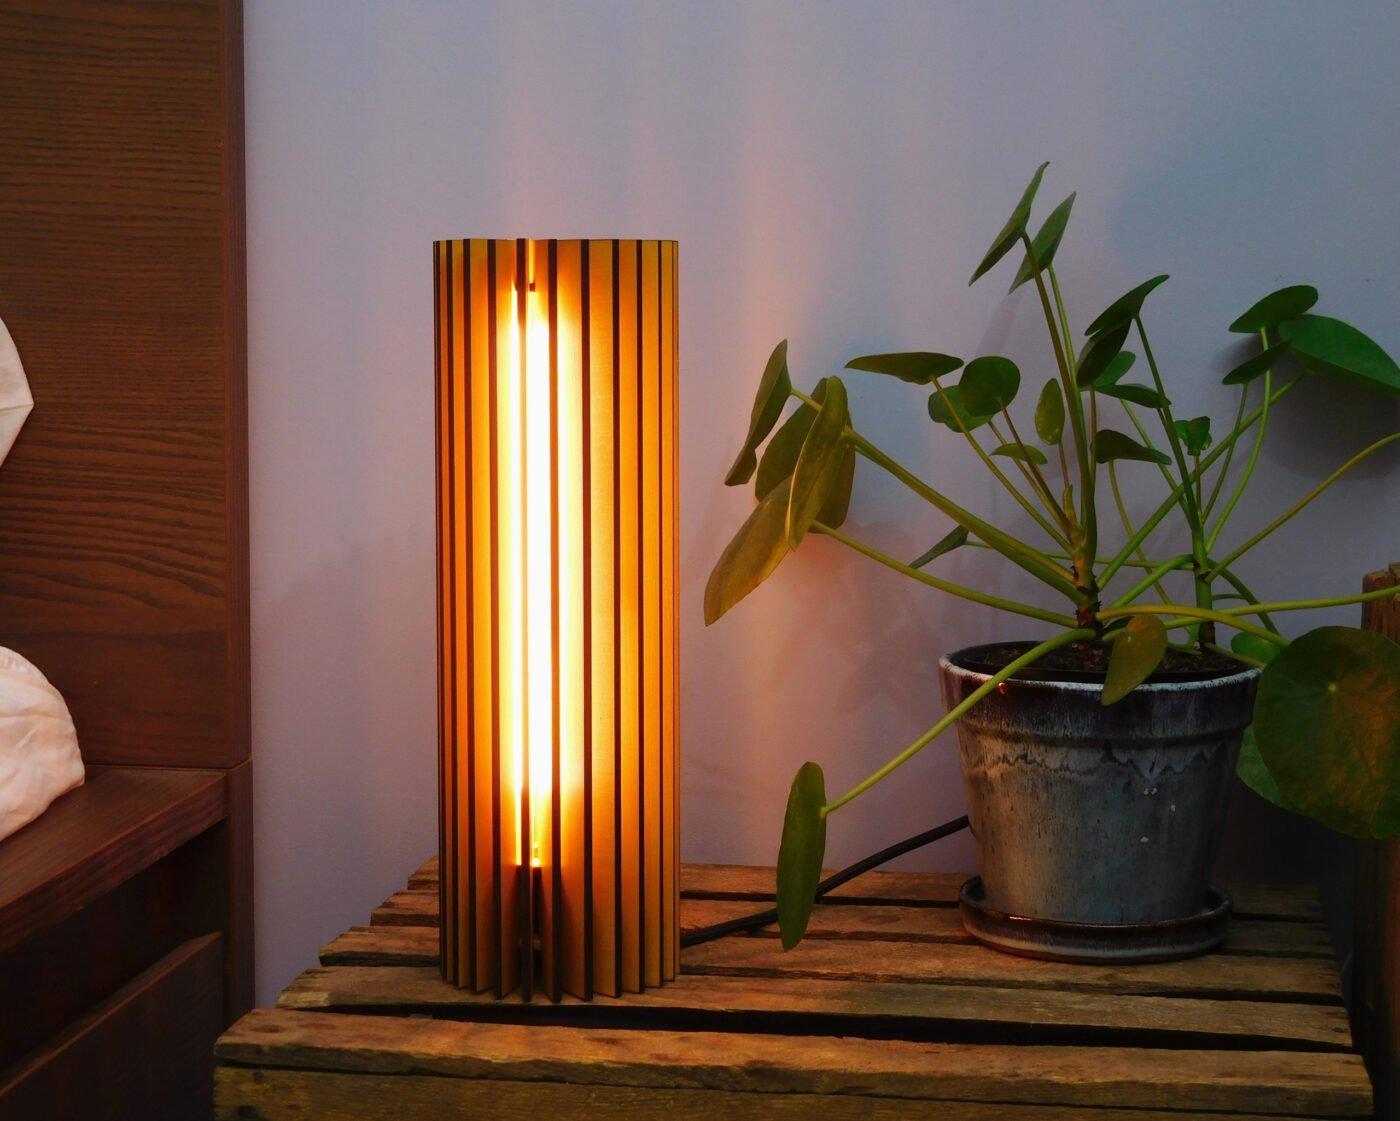 Nr1-houten-nachtlampje-voor-nachtkastje-vanderWerffdesign-incontext